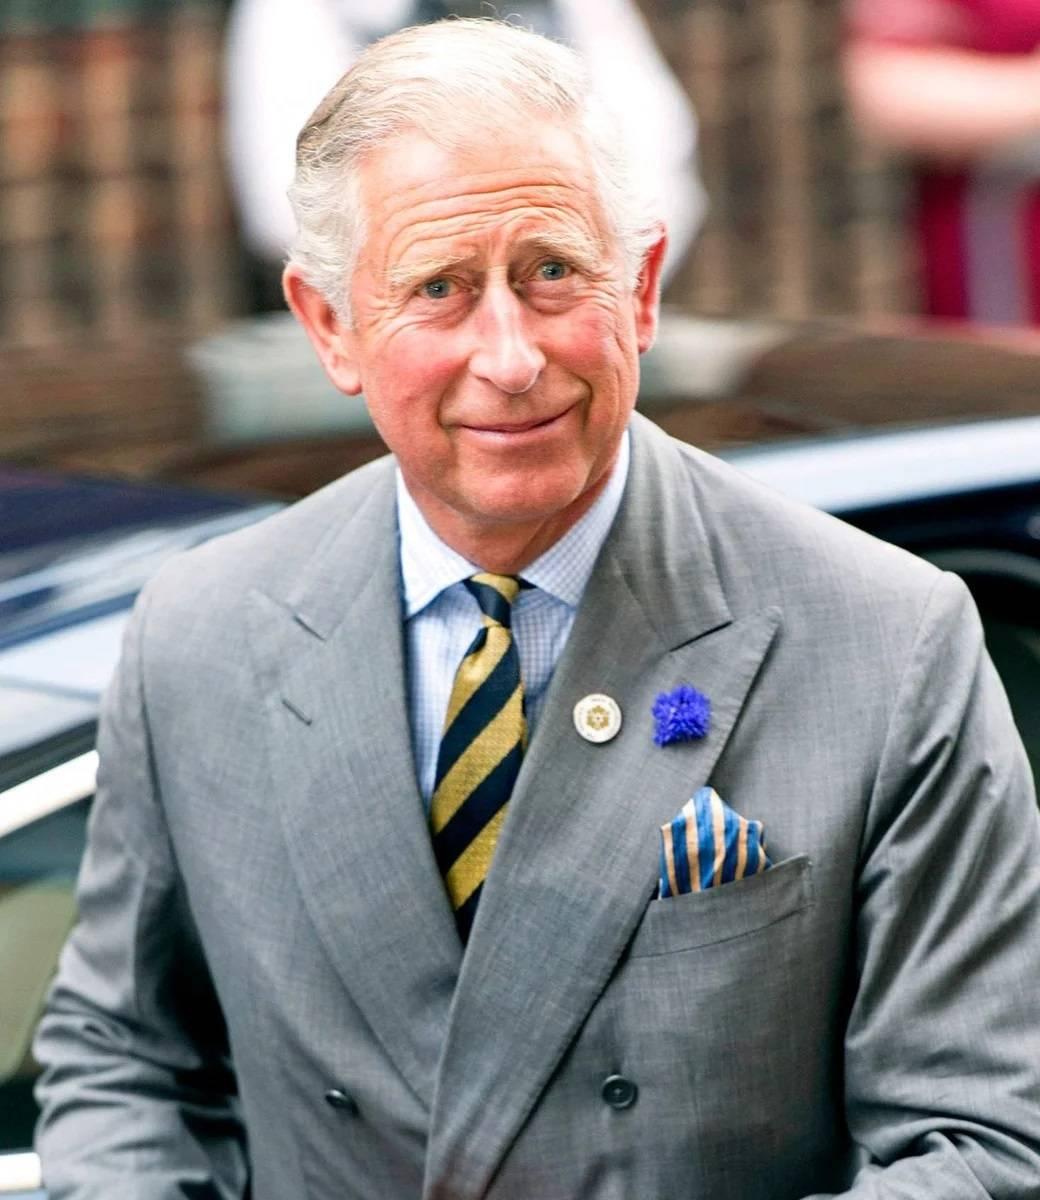 принц Уэльский принц Чарльз /avatars.mds.yandex.net/